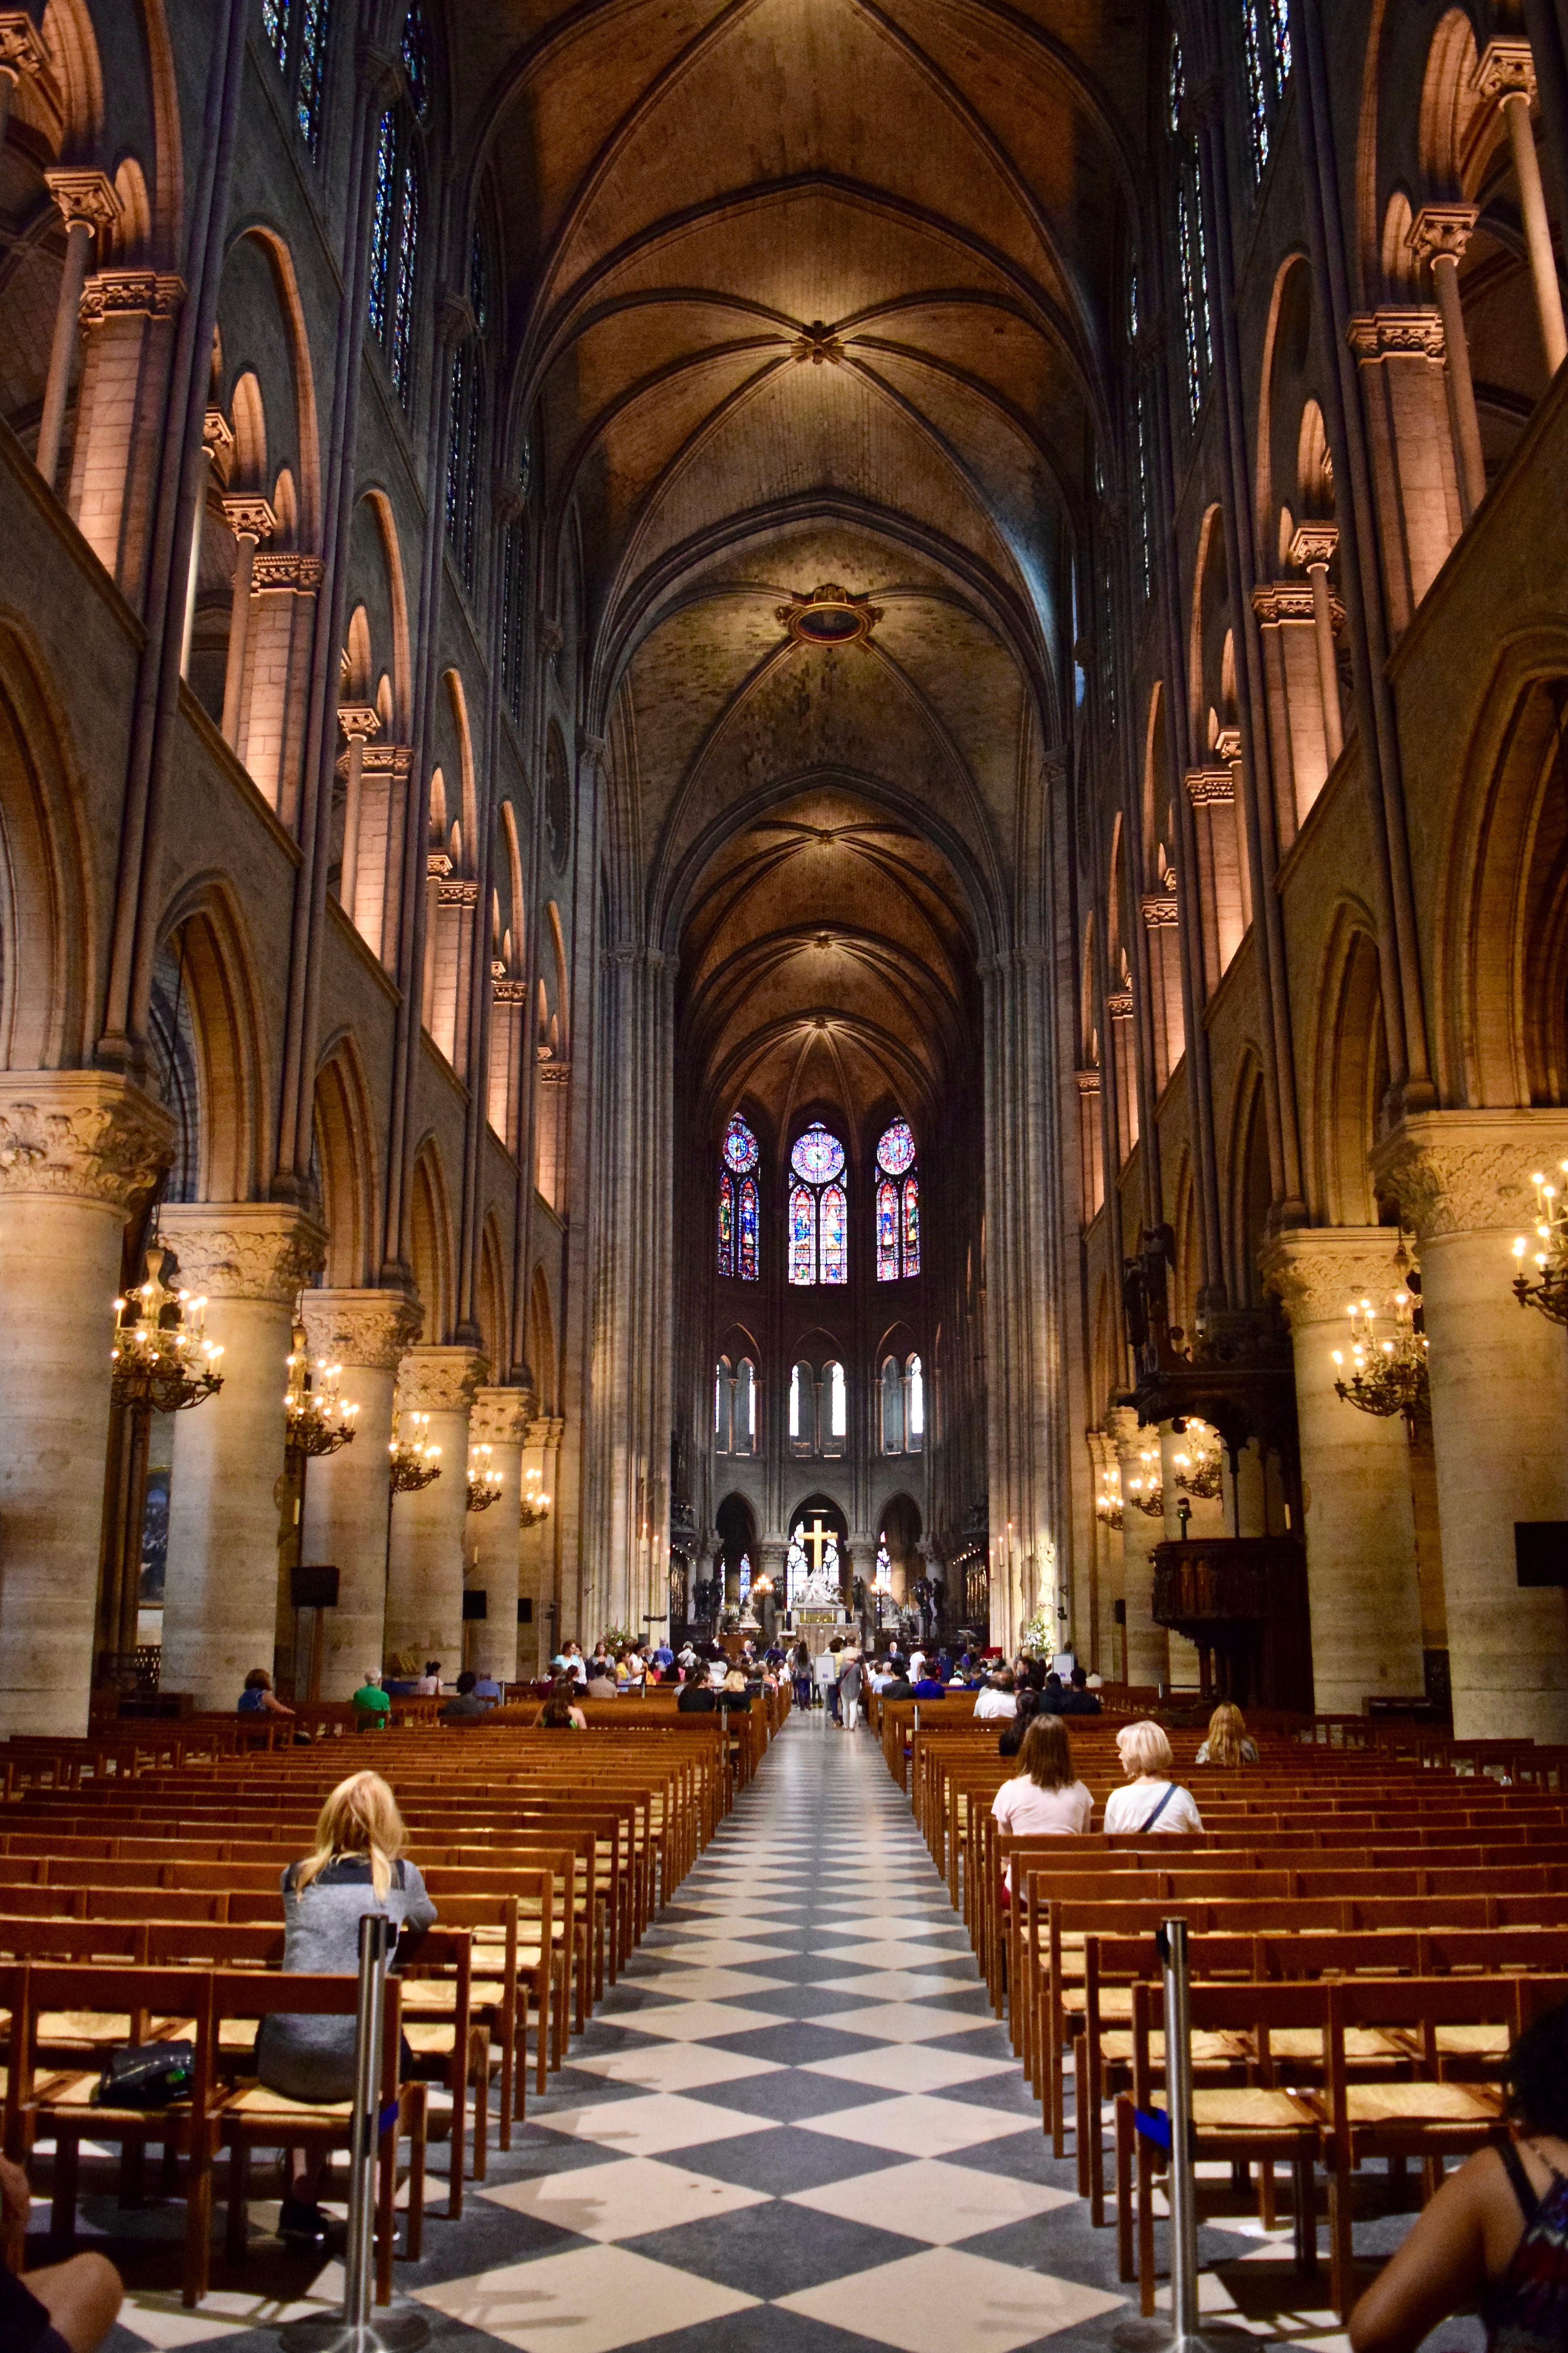 File Nave De La Catedral De Notre Dame De París Jpg Wikimedia Commons